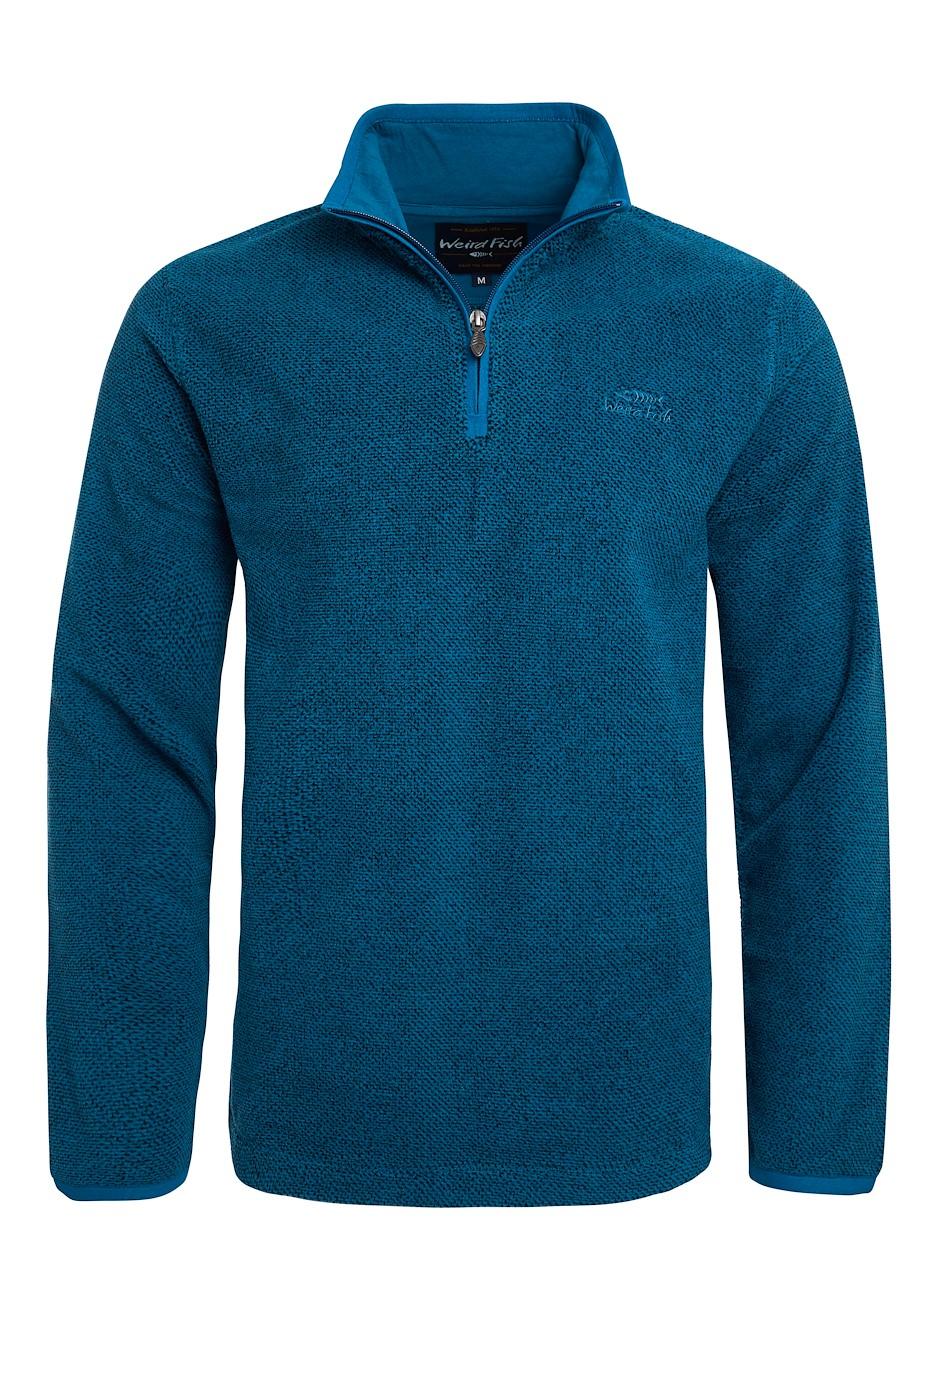 Errill 1/4 Zip Textured Fleece Petrol Blue